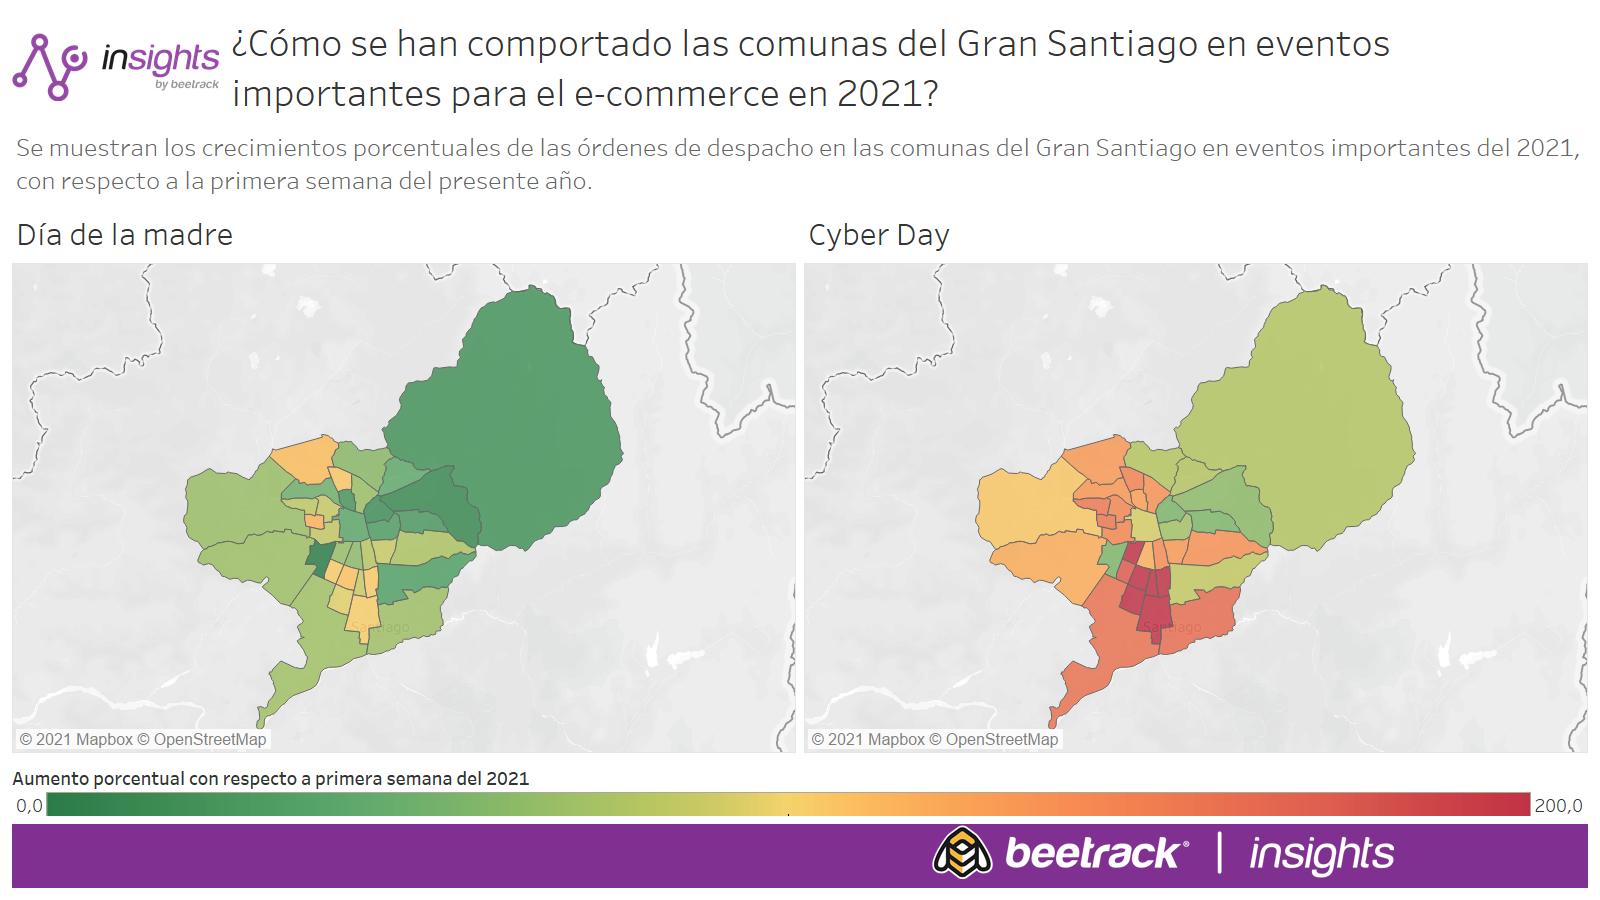 ¿Cómo se han comportado las comunas del Gran Santiago en eventos importantes para el e-commerce en 2021